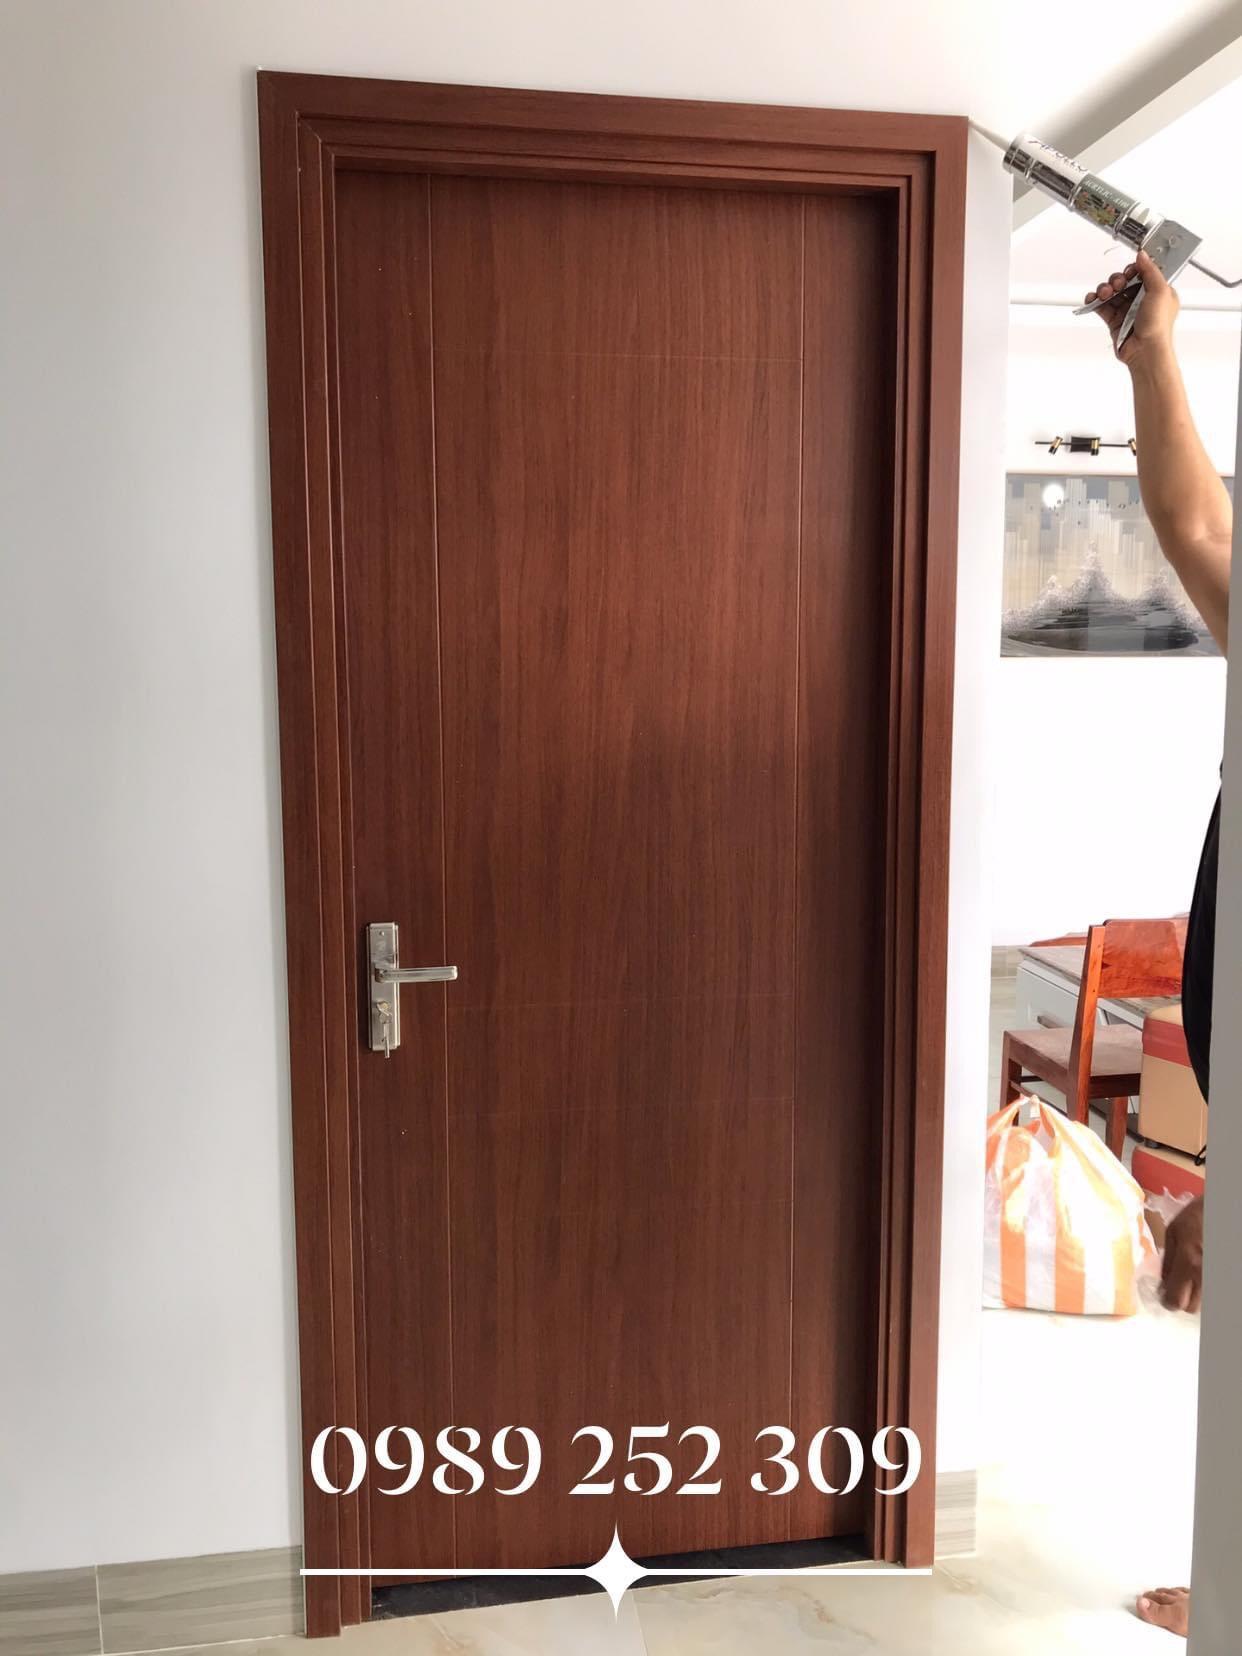 Màu cửa được người tiêu dùng lựa chọn nhiều nhất - Mã màu B07.